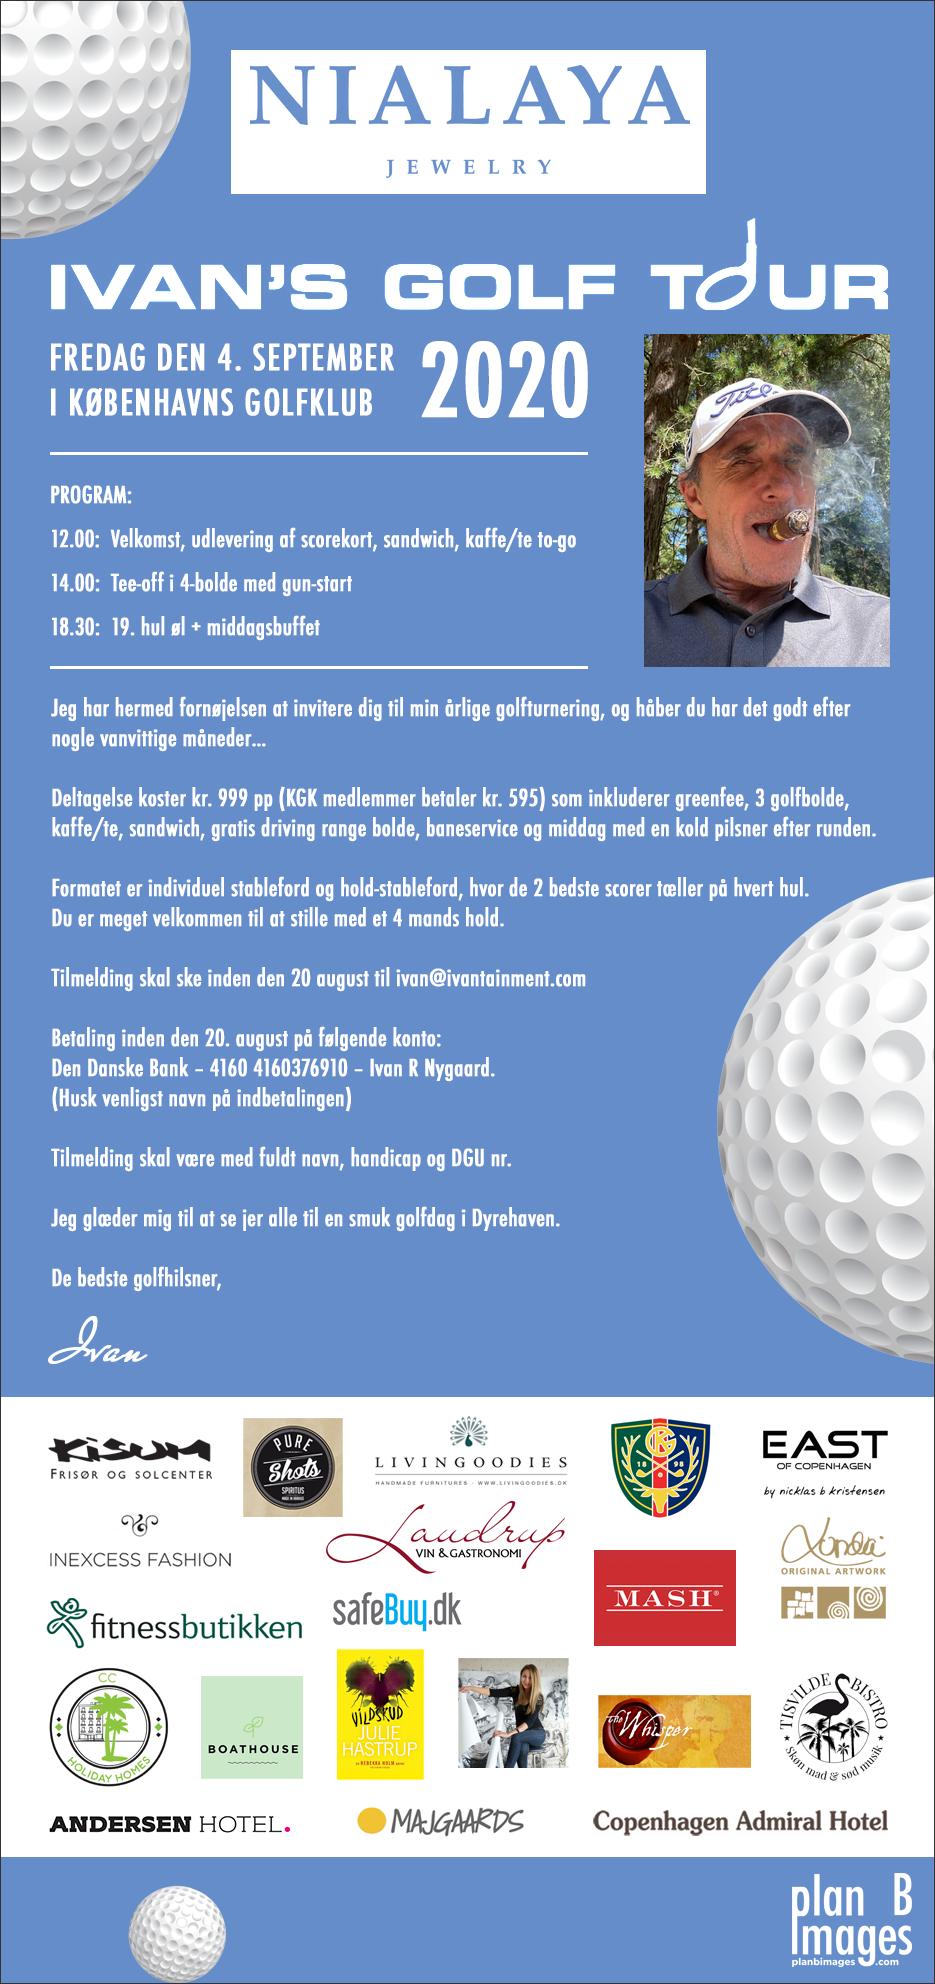 Ivan's Golf Tour 2020